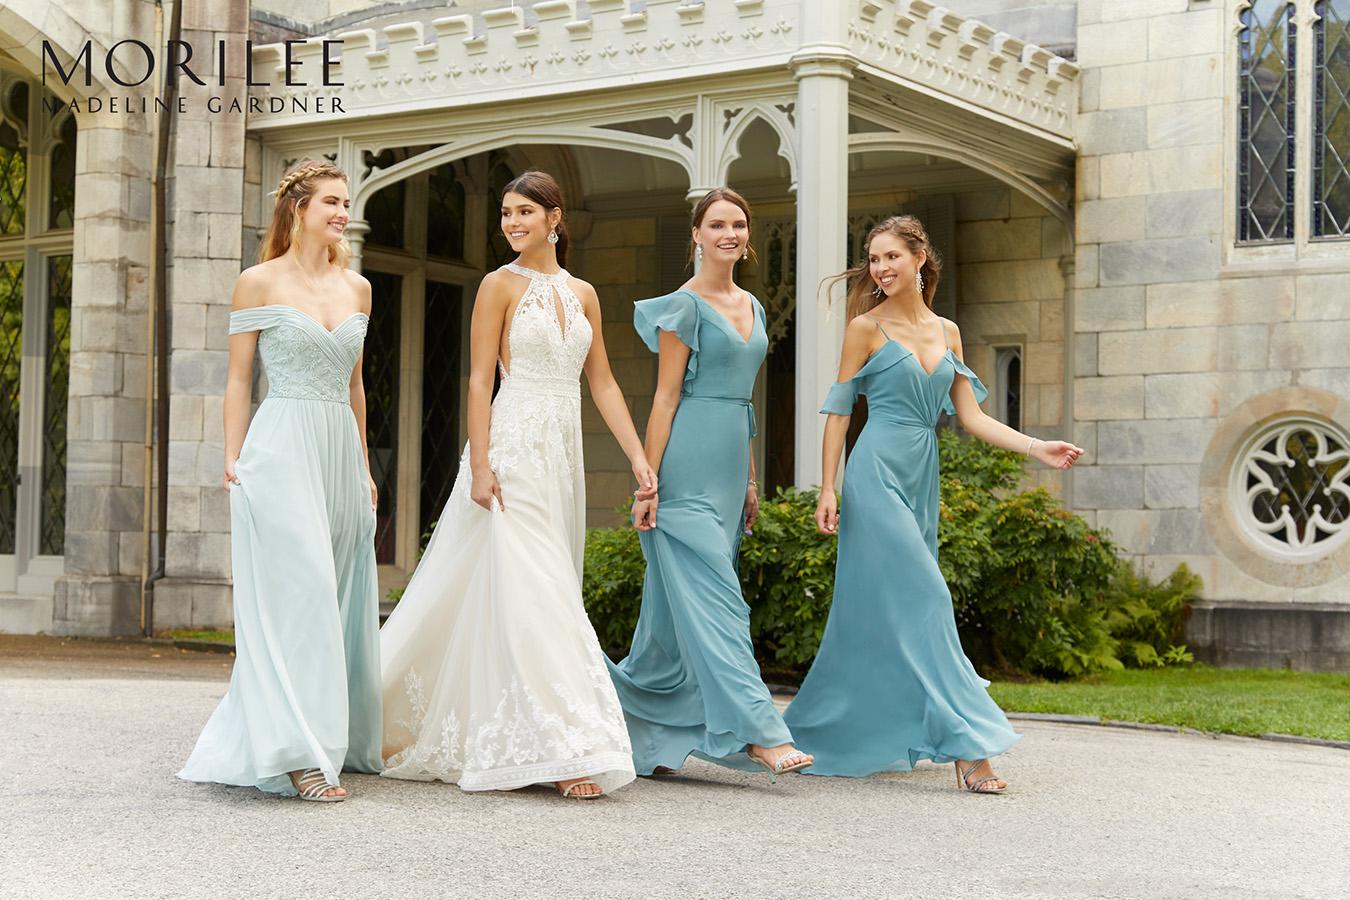 Mariée et ses demoiselles d'honneur habillées en robes Morilee aux tons bleus